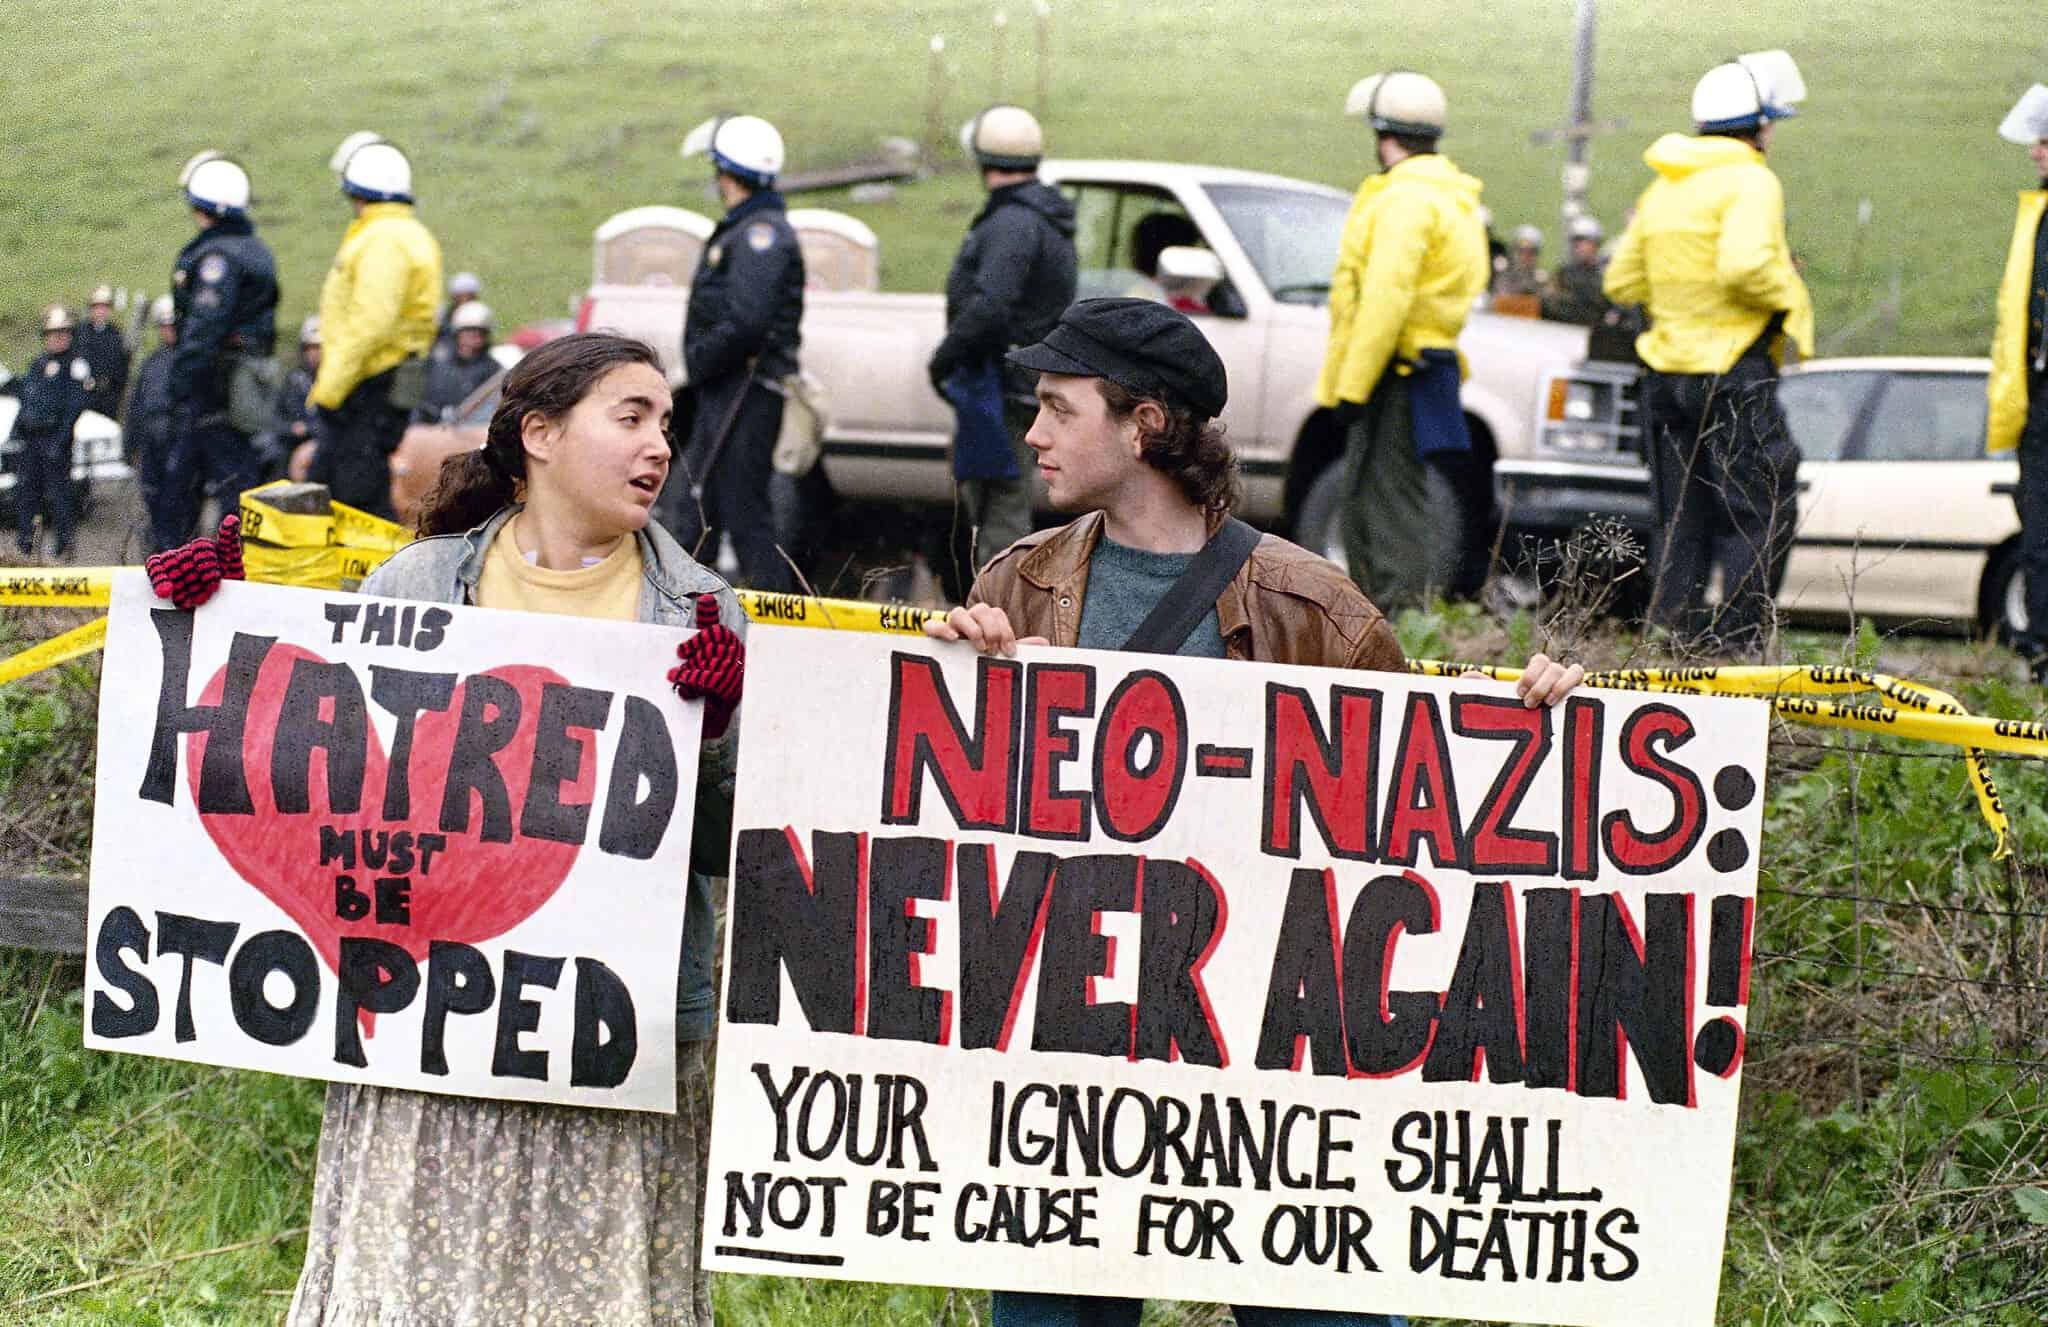 הפגנה נגד ארגונים ניאו-נאציים בארצות הברית, 1989 (צילום: AP Photo/Eric Risberg)